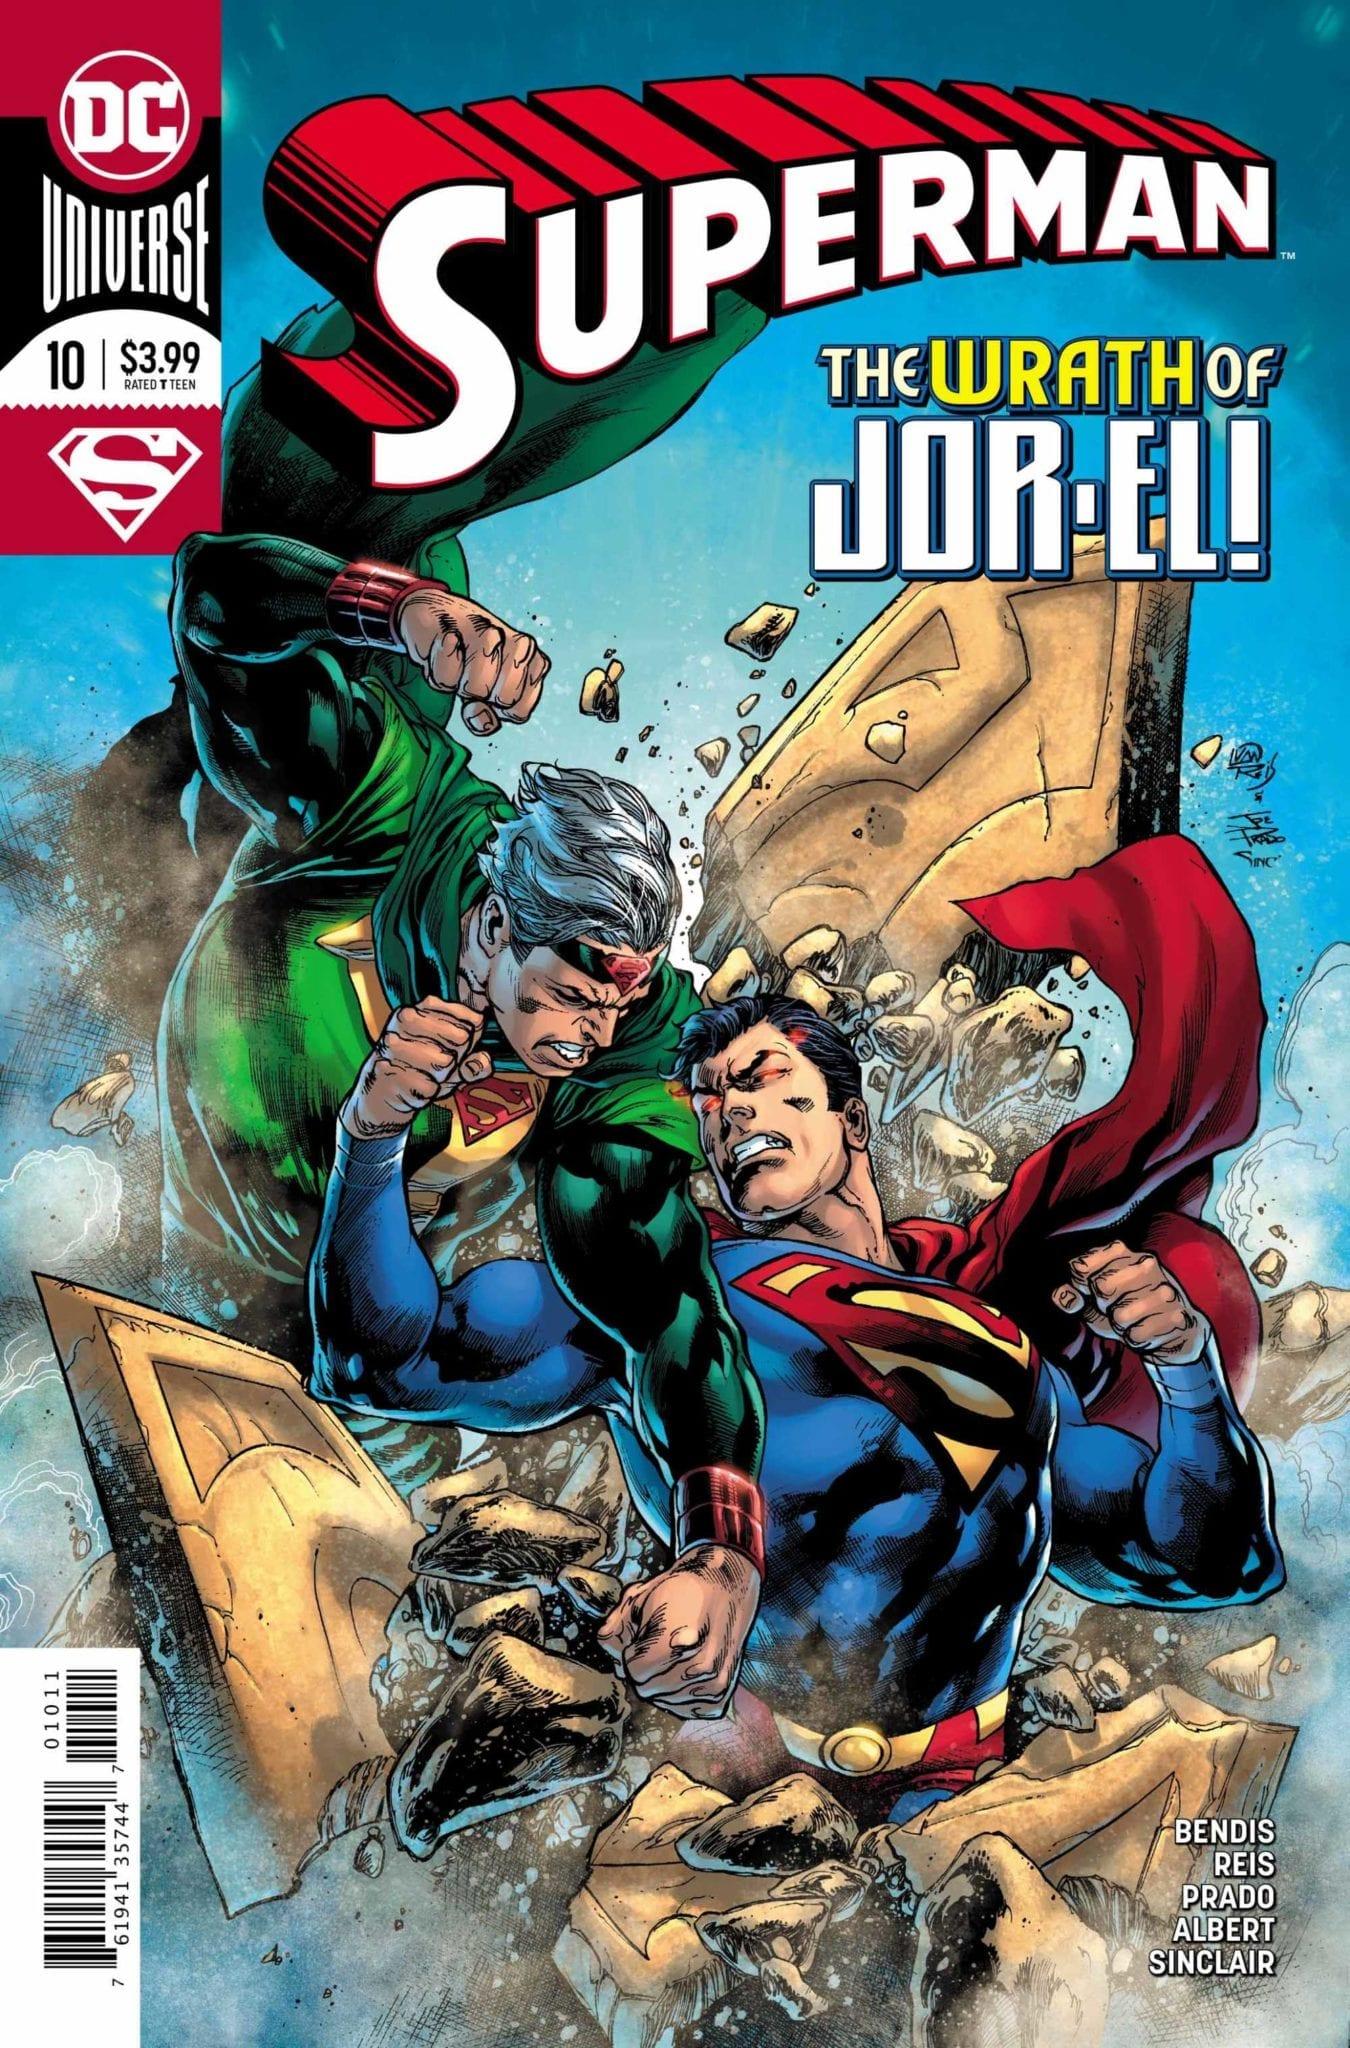 SUPERMAN #10 cover art of superman and jor-el